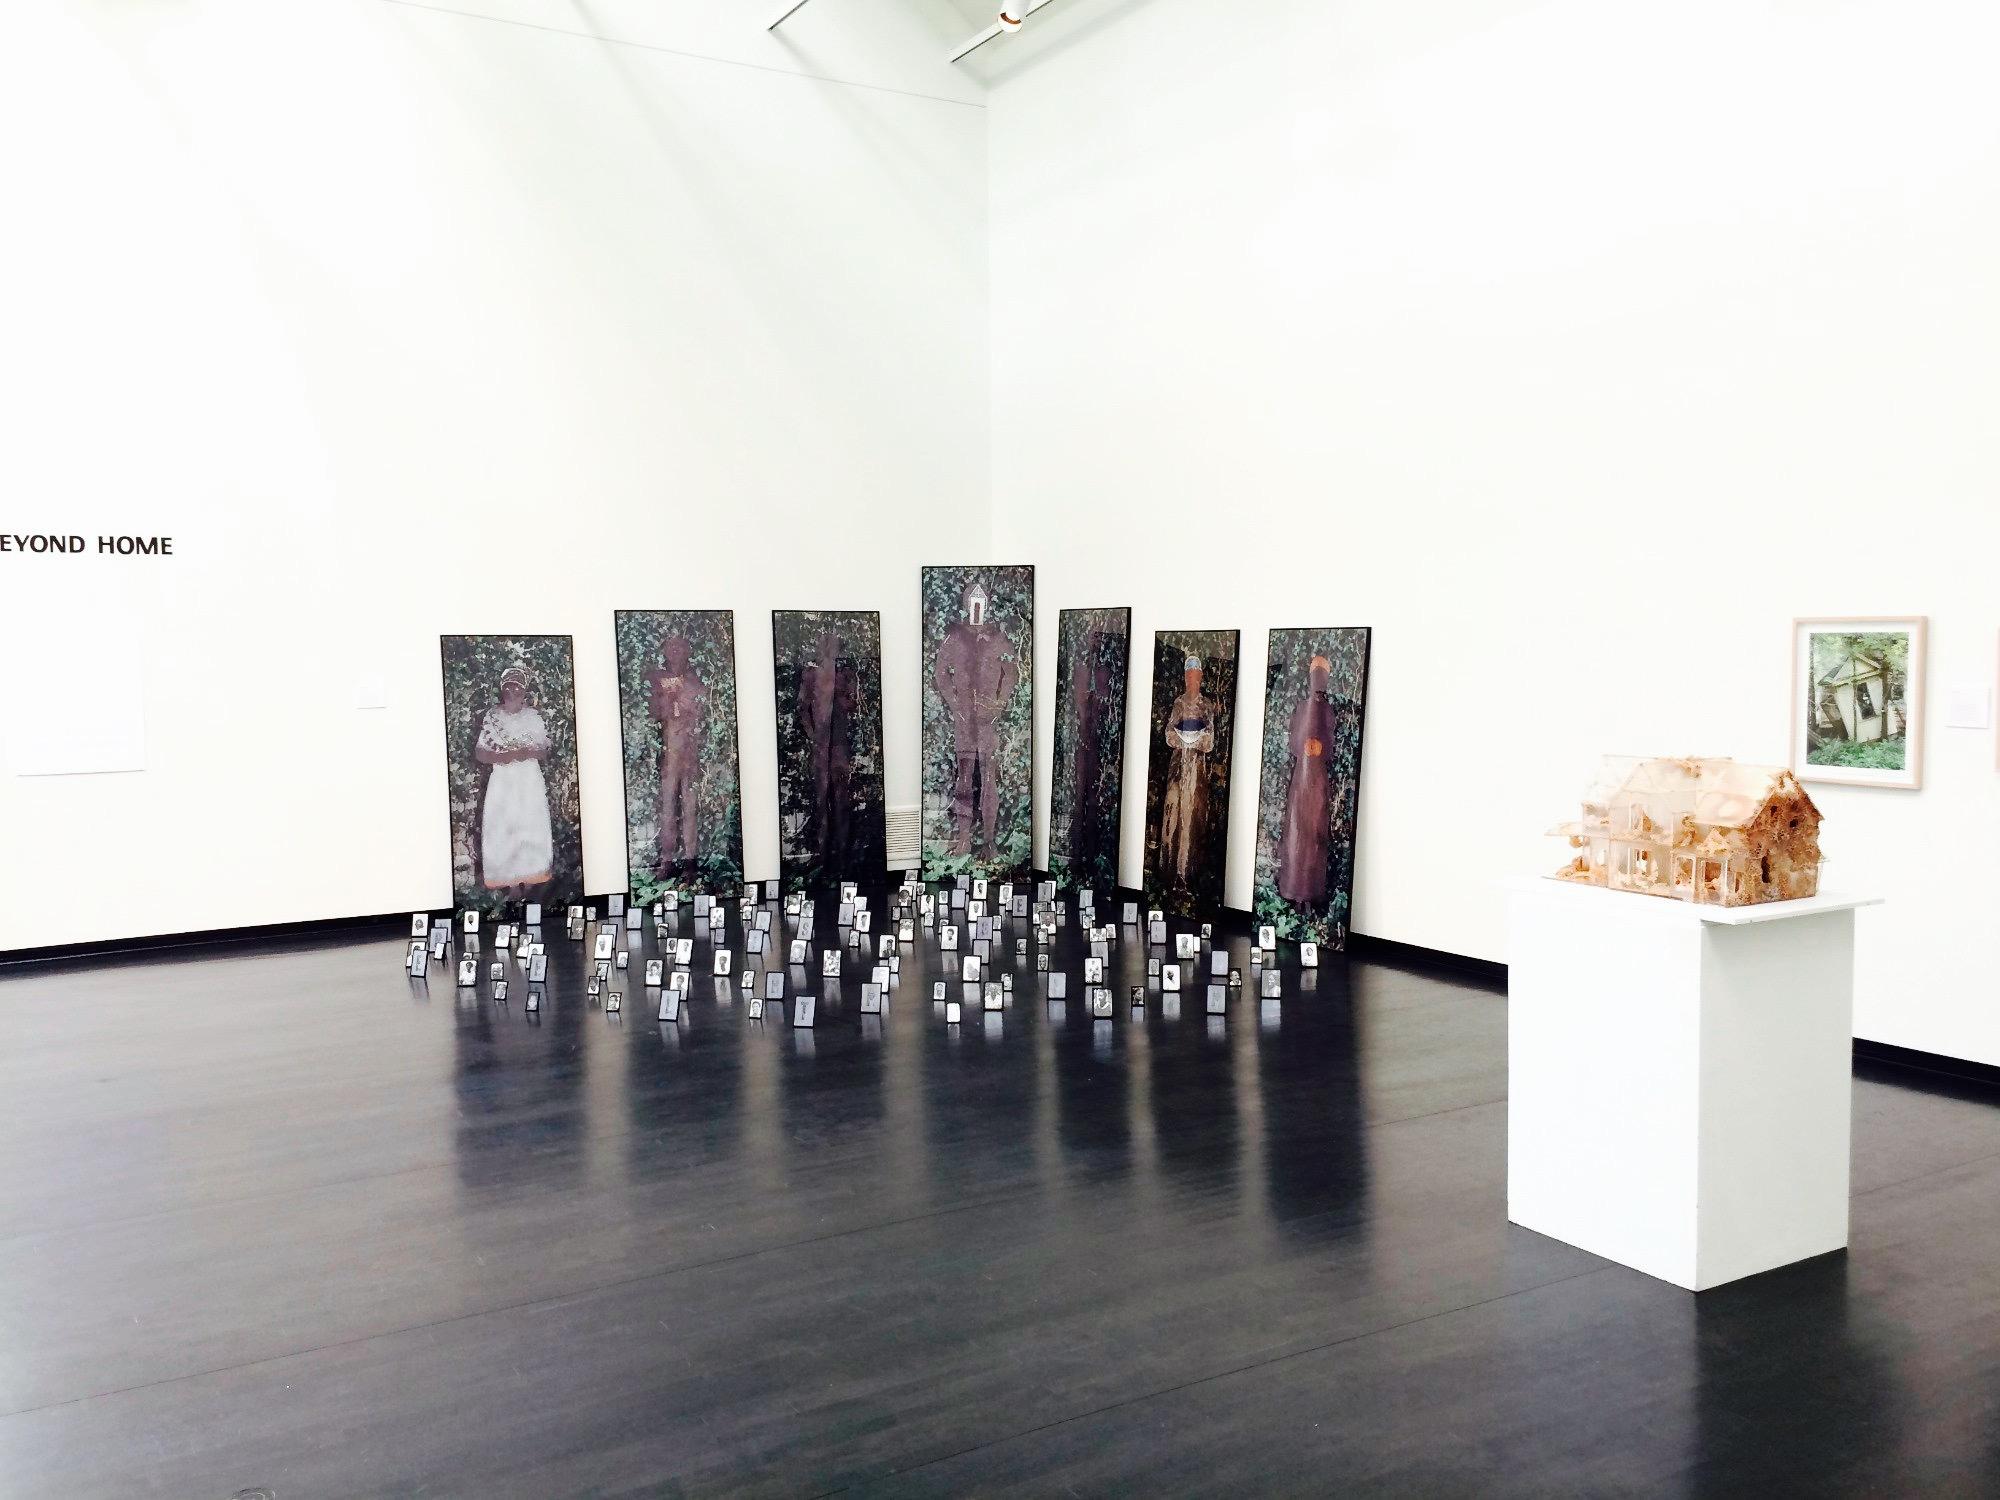 North Dakota Museum of Art